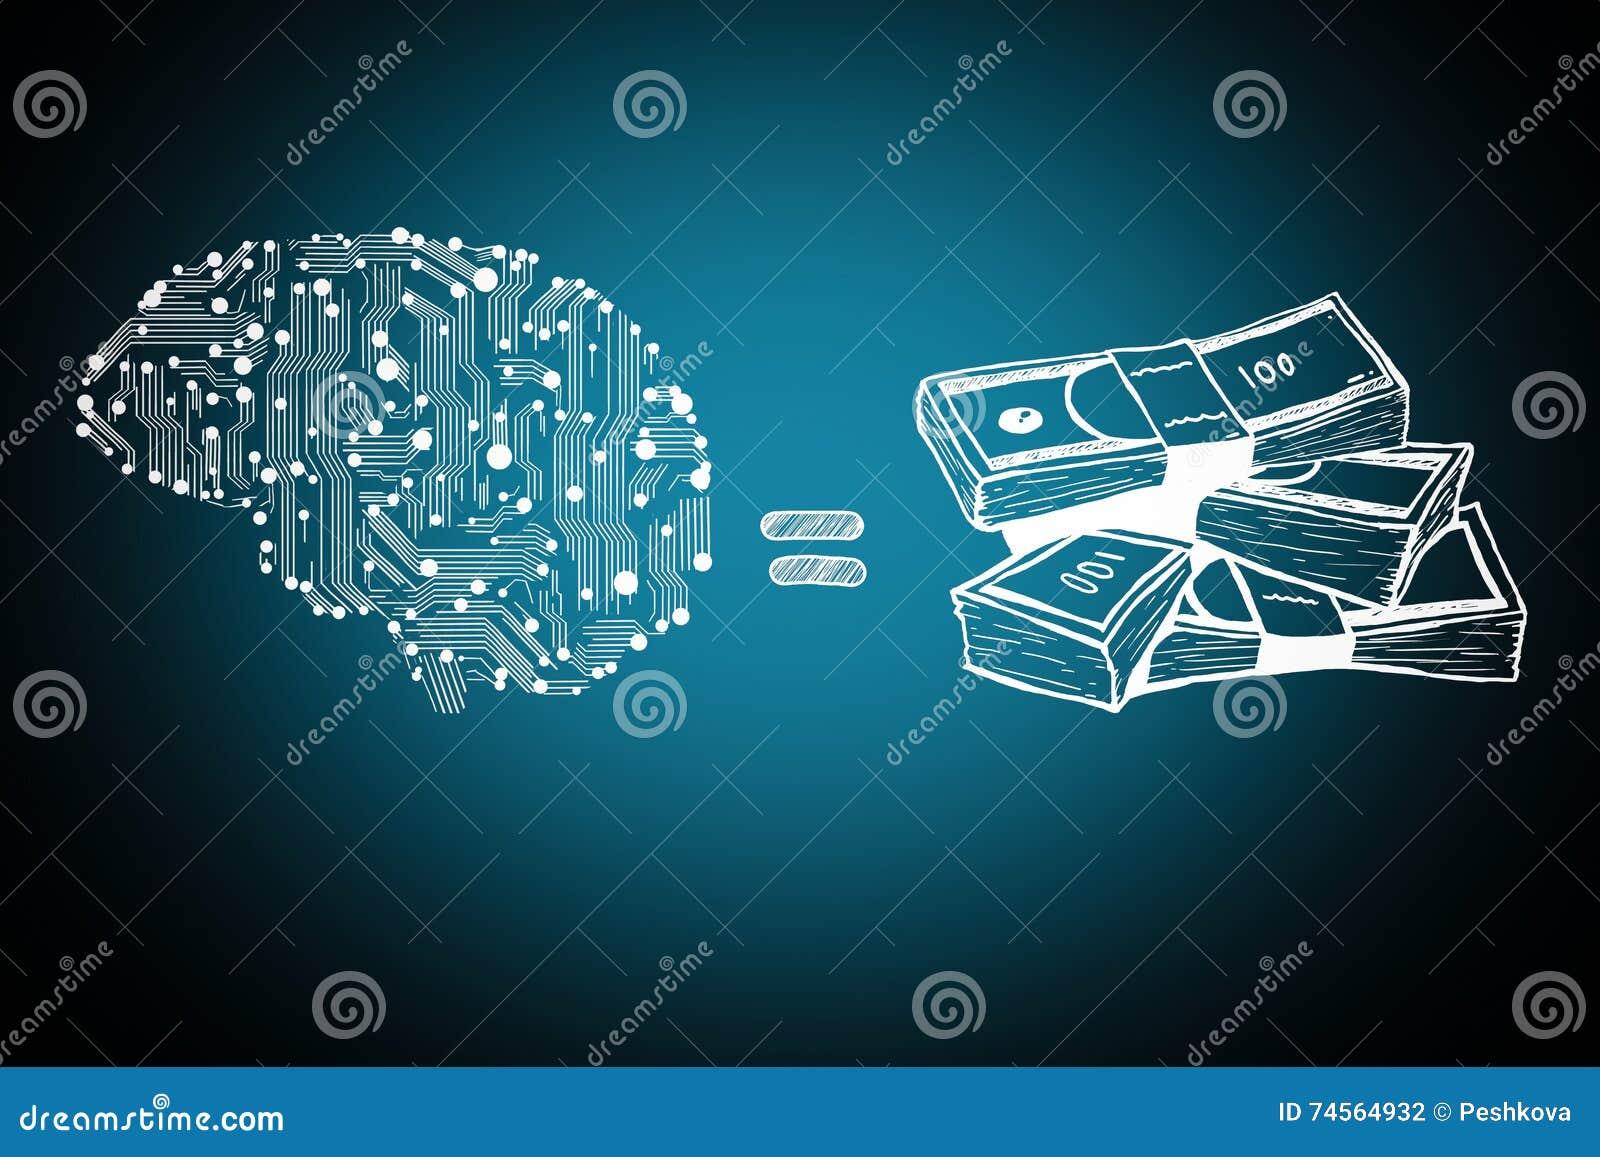 Cuentas del cerebro y de dinero